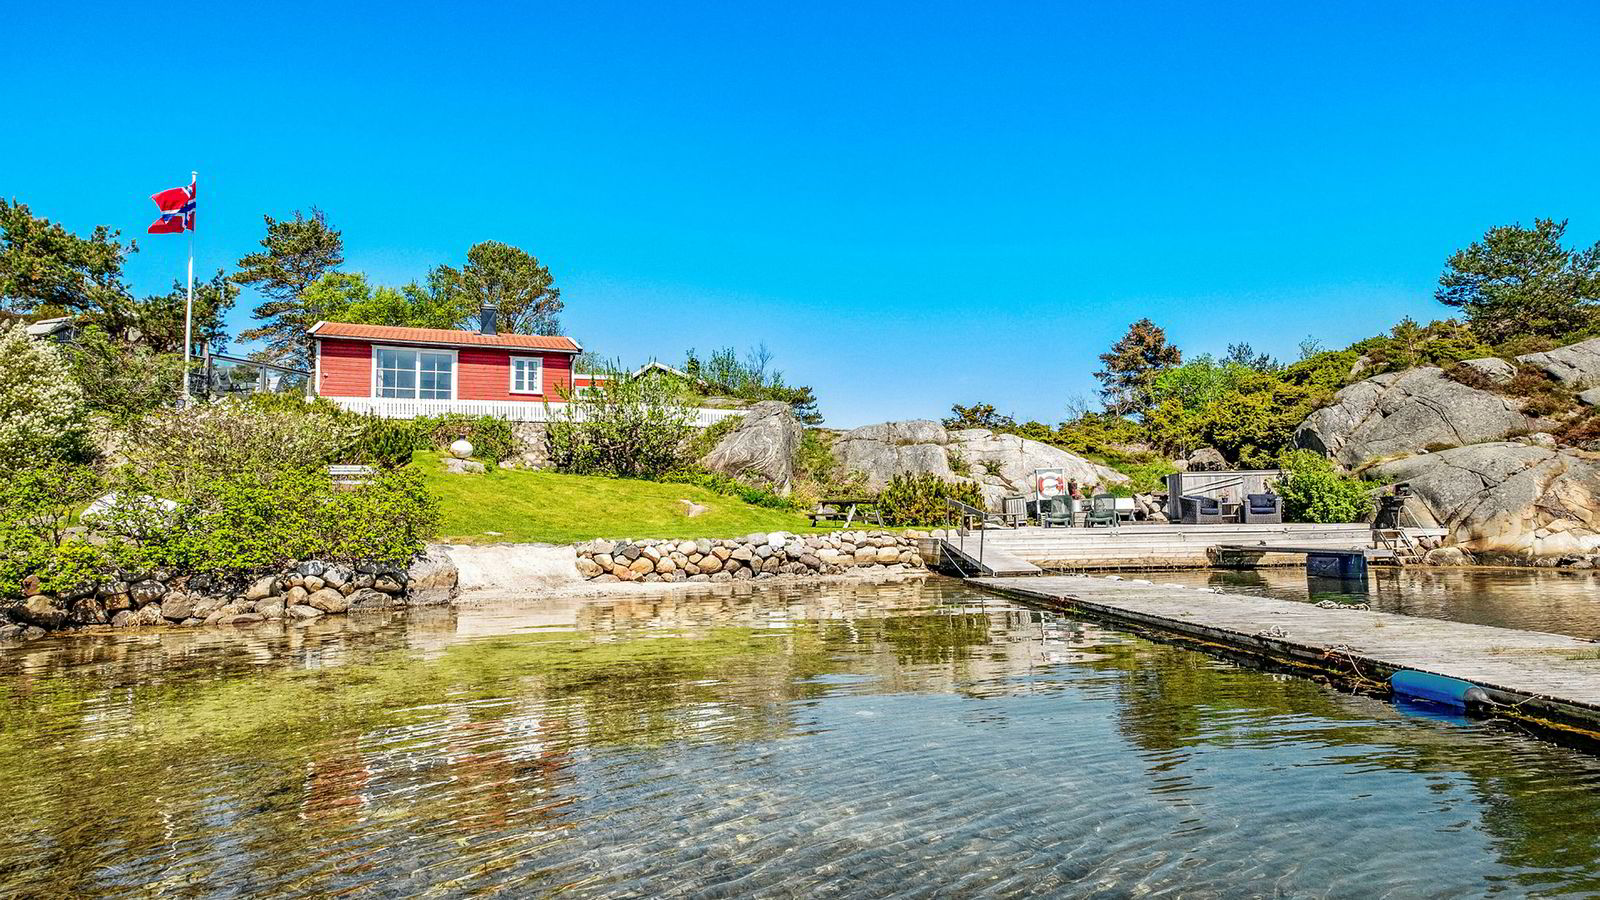 Den 48 kvadratmeter store hytta ved Høvåg i Lillesand kommune ligger ute for salg med en prisantydning på 6,95 millioner kroner.